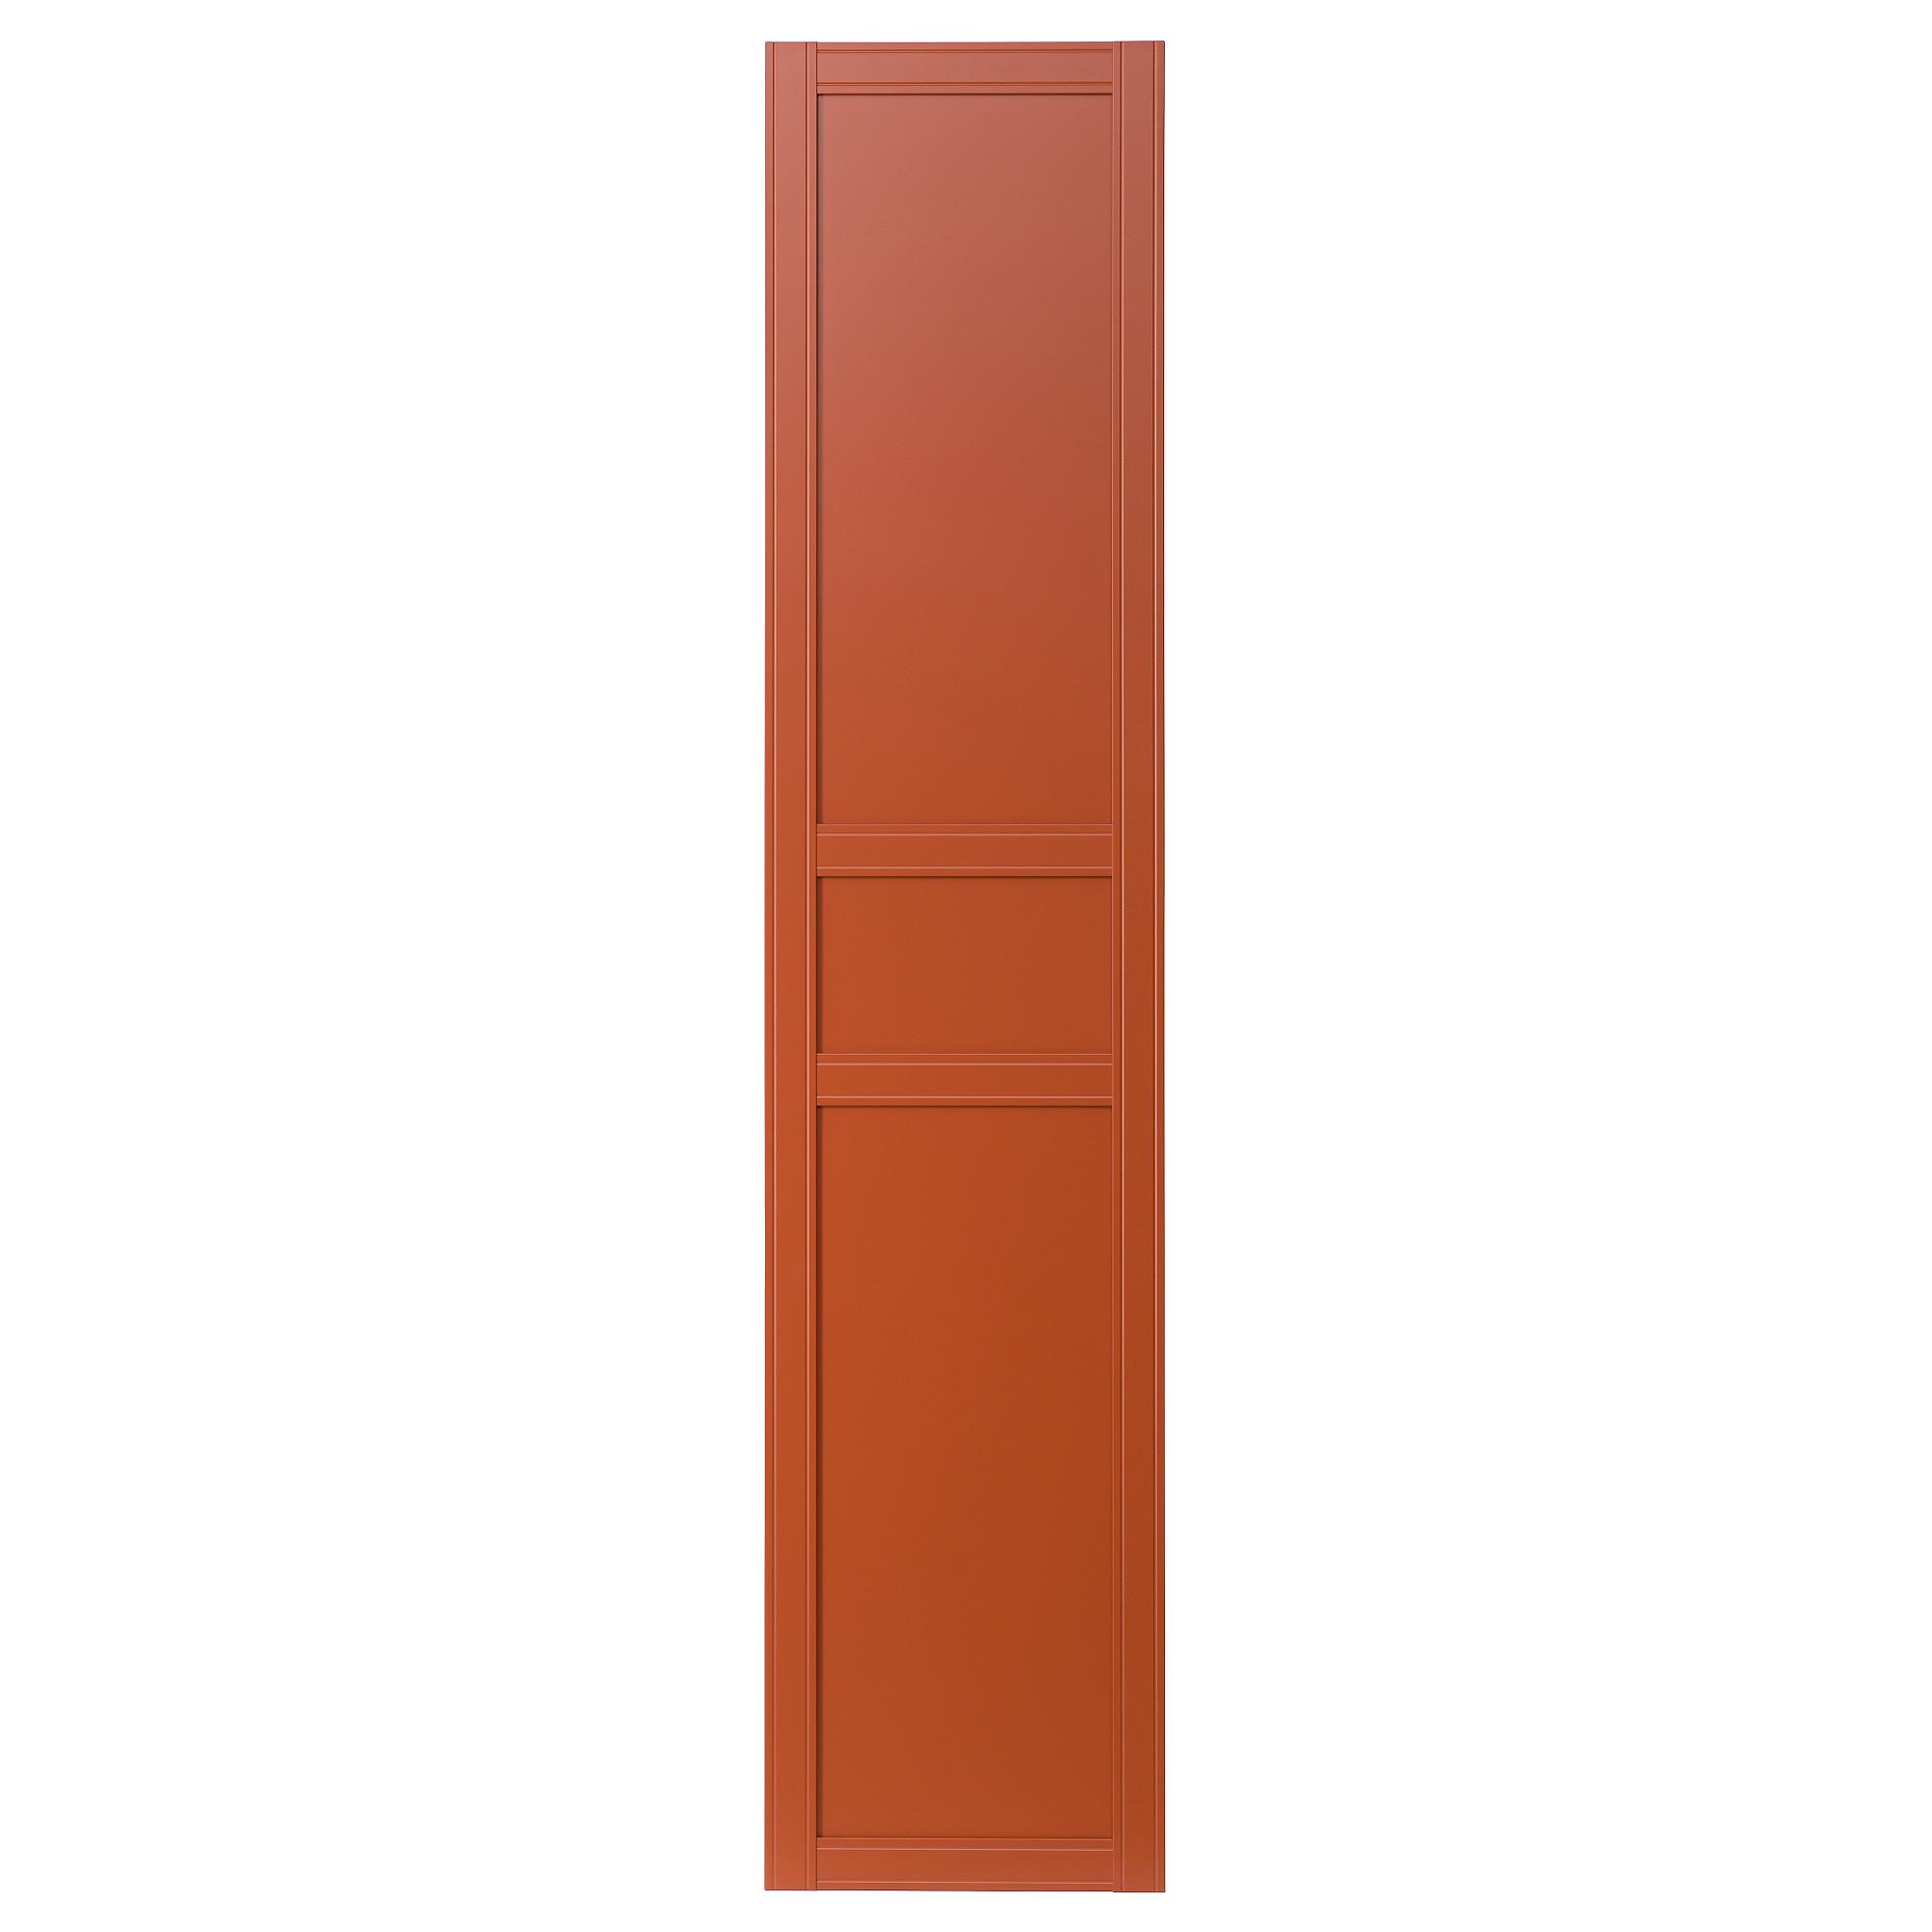 Дверь ФЛИСБЕРГЕТ цвета ржавчины артикуль № 303.791.61 в наличии. Интернет каталог ИКЕА Минск. Недорогая доставка и установка.